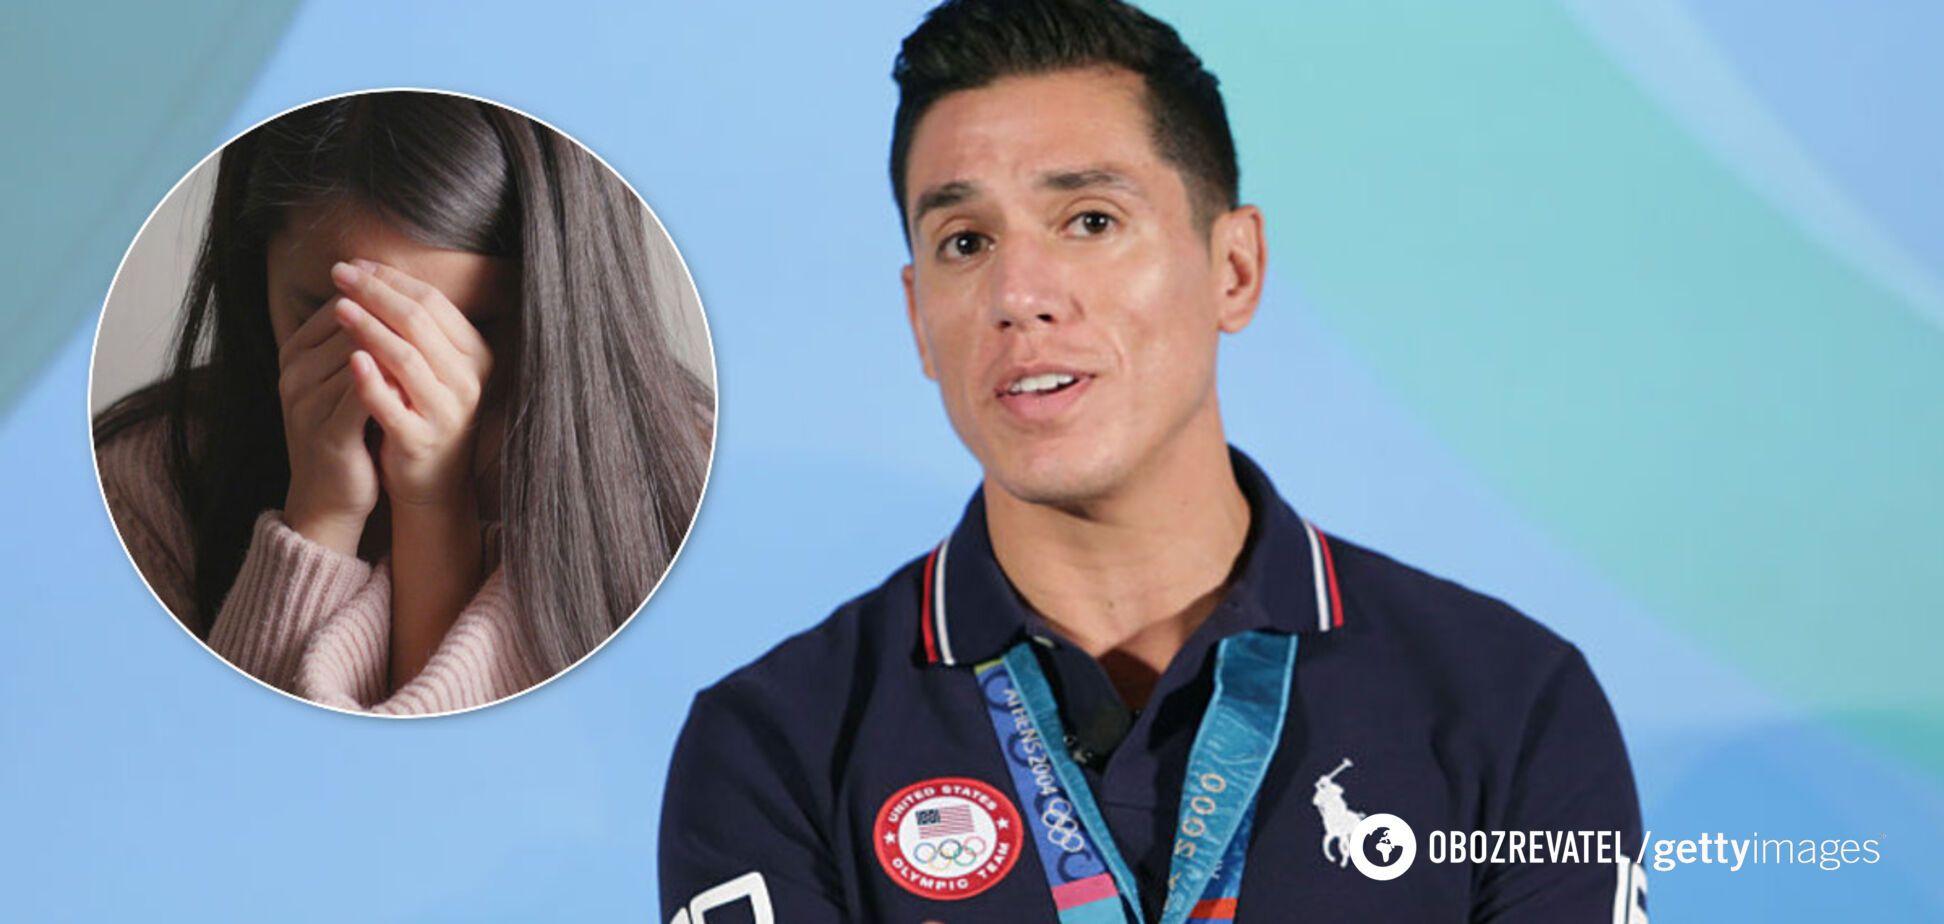 Олимпийский чемпион Стивен Лопес обвинен в групповом изнасиловании